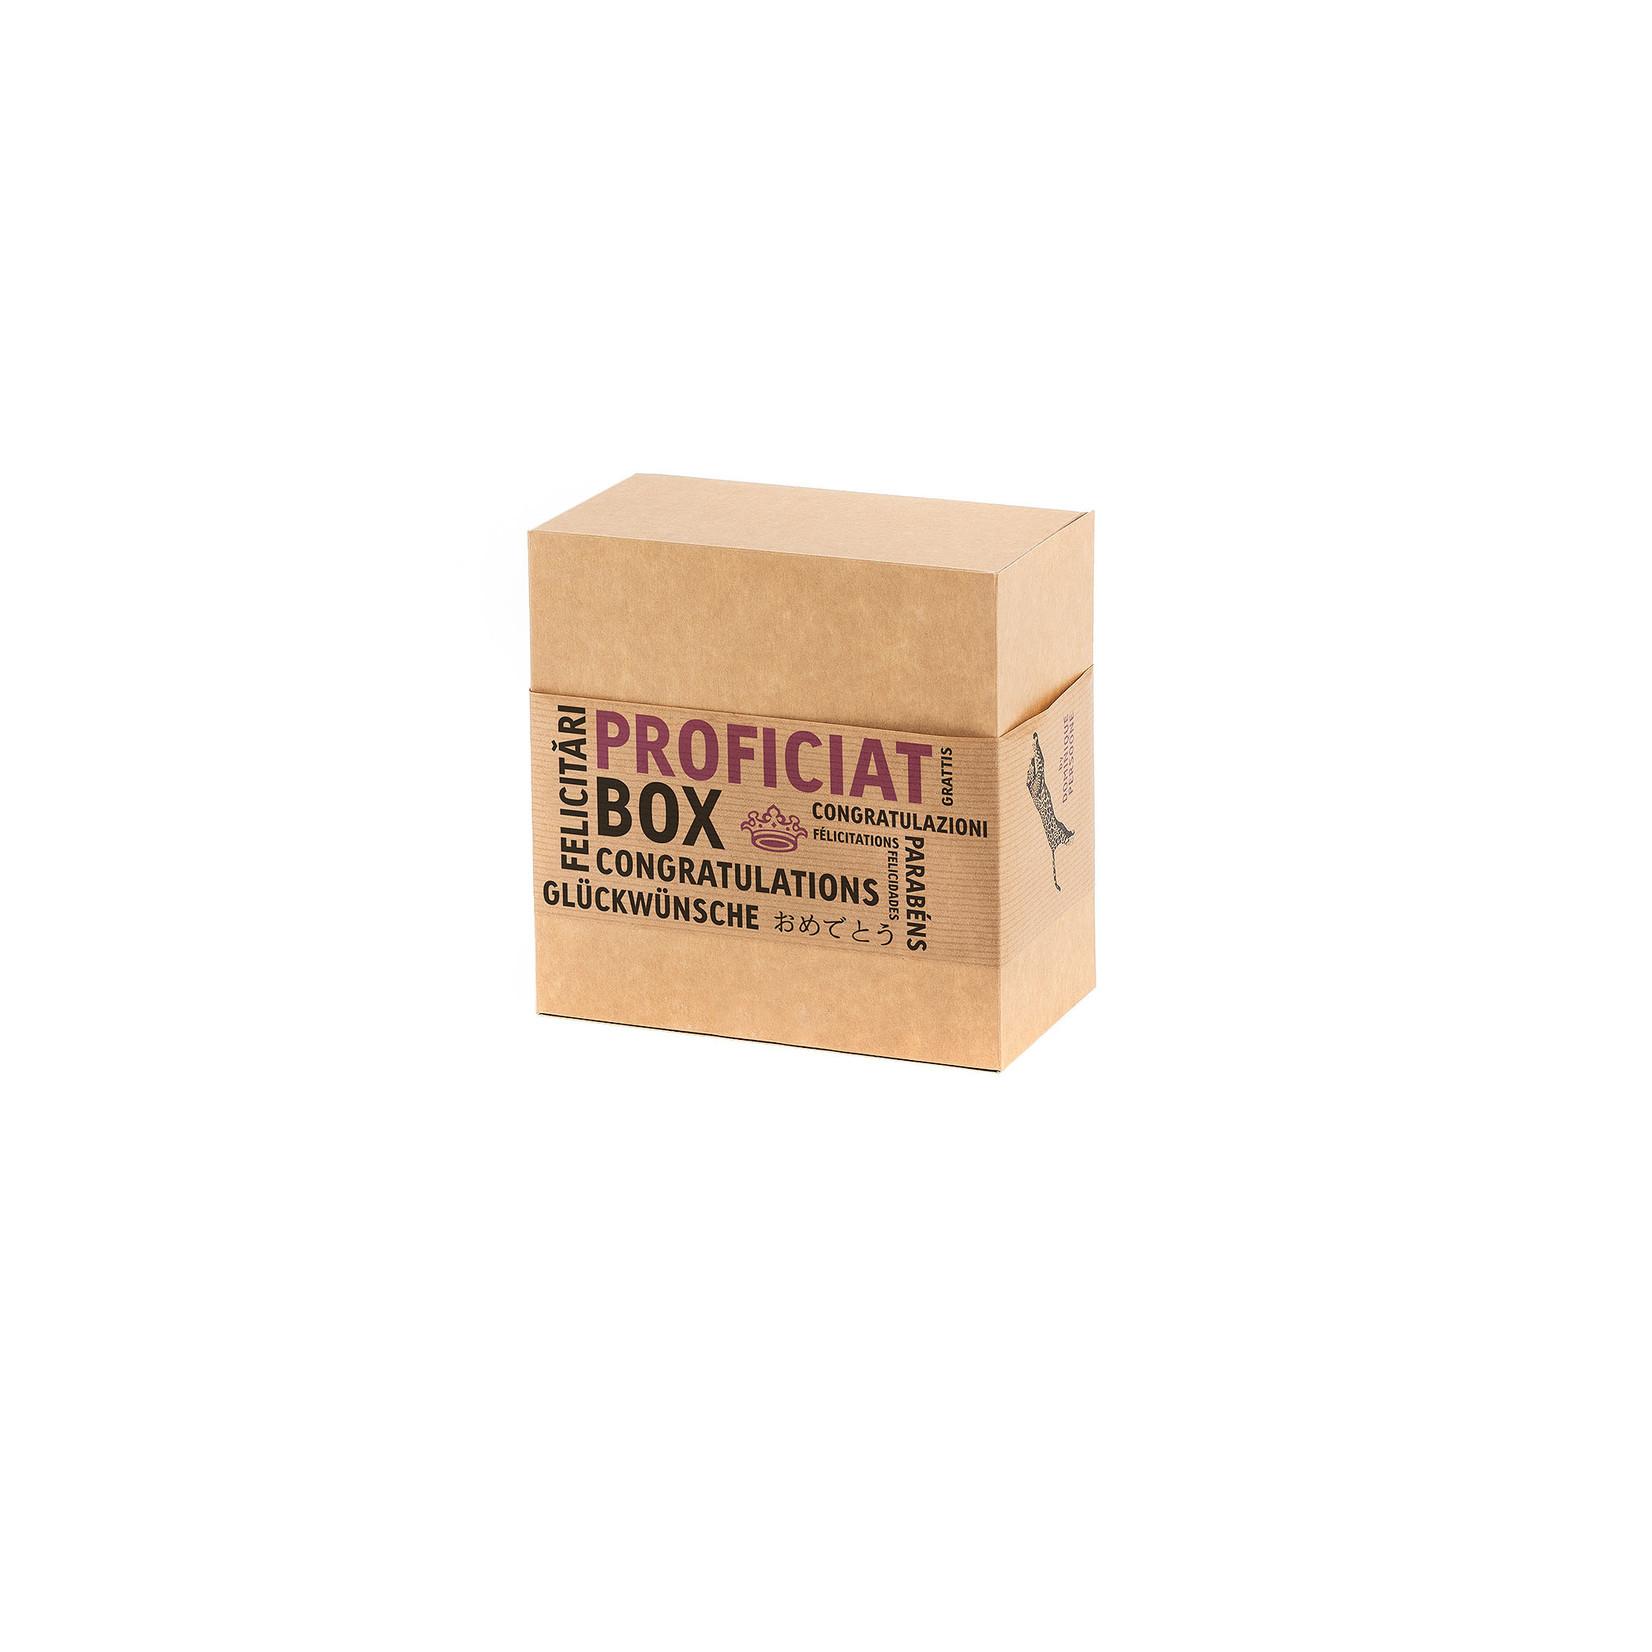 Proficiat Box